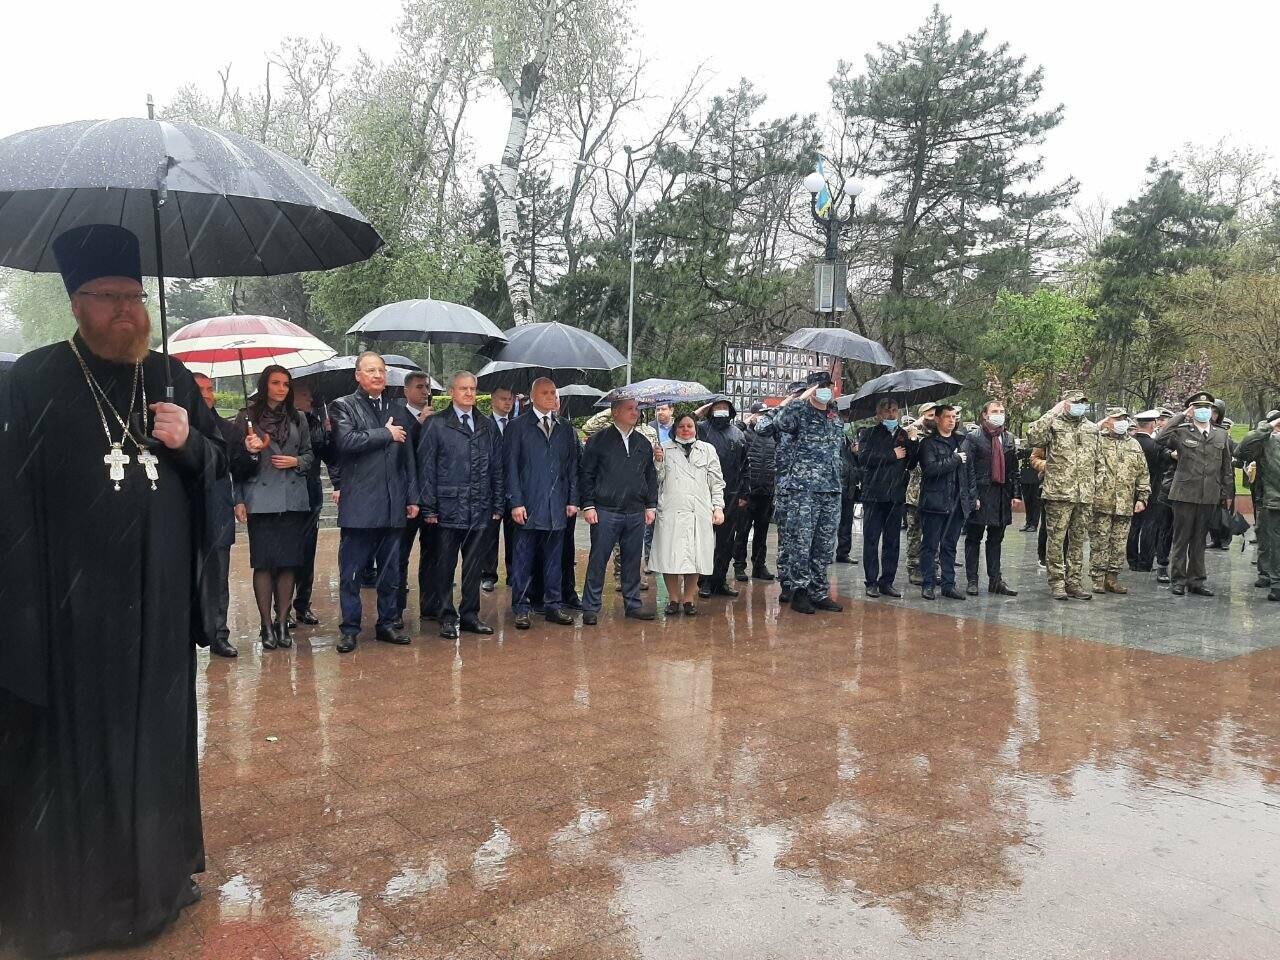 День памяти и примирения в Одессе: к вечному огню возложили цветы, - ФОТОРЕПОРТАЖ, фото-12